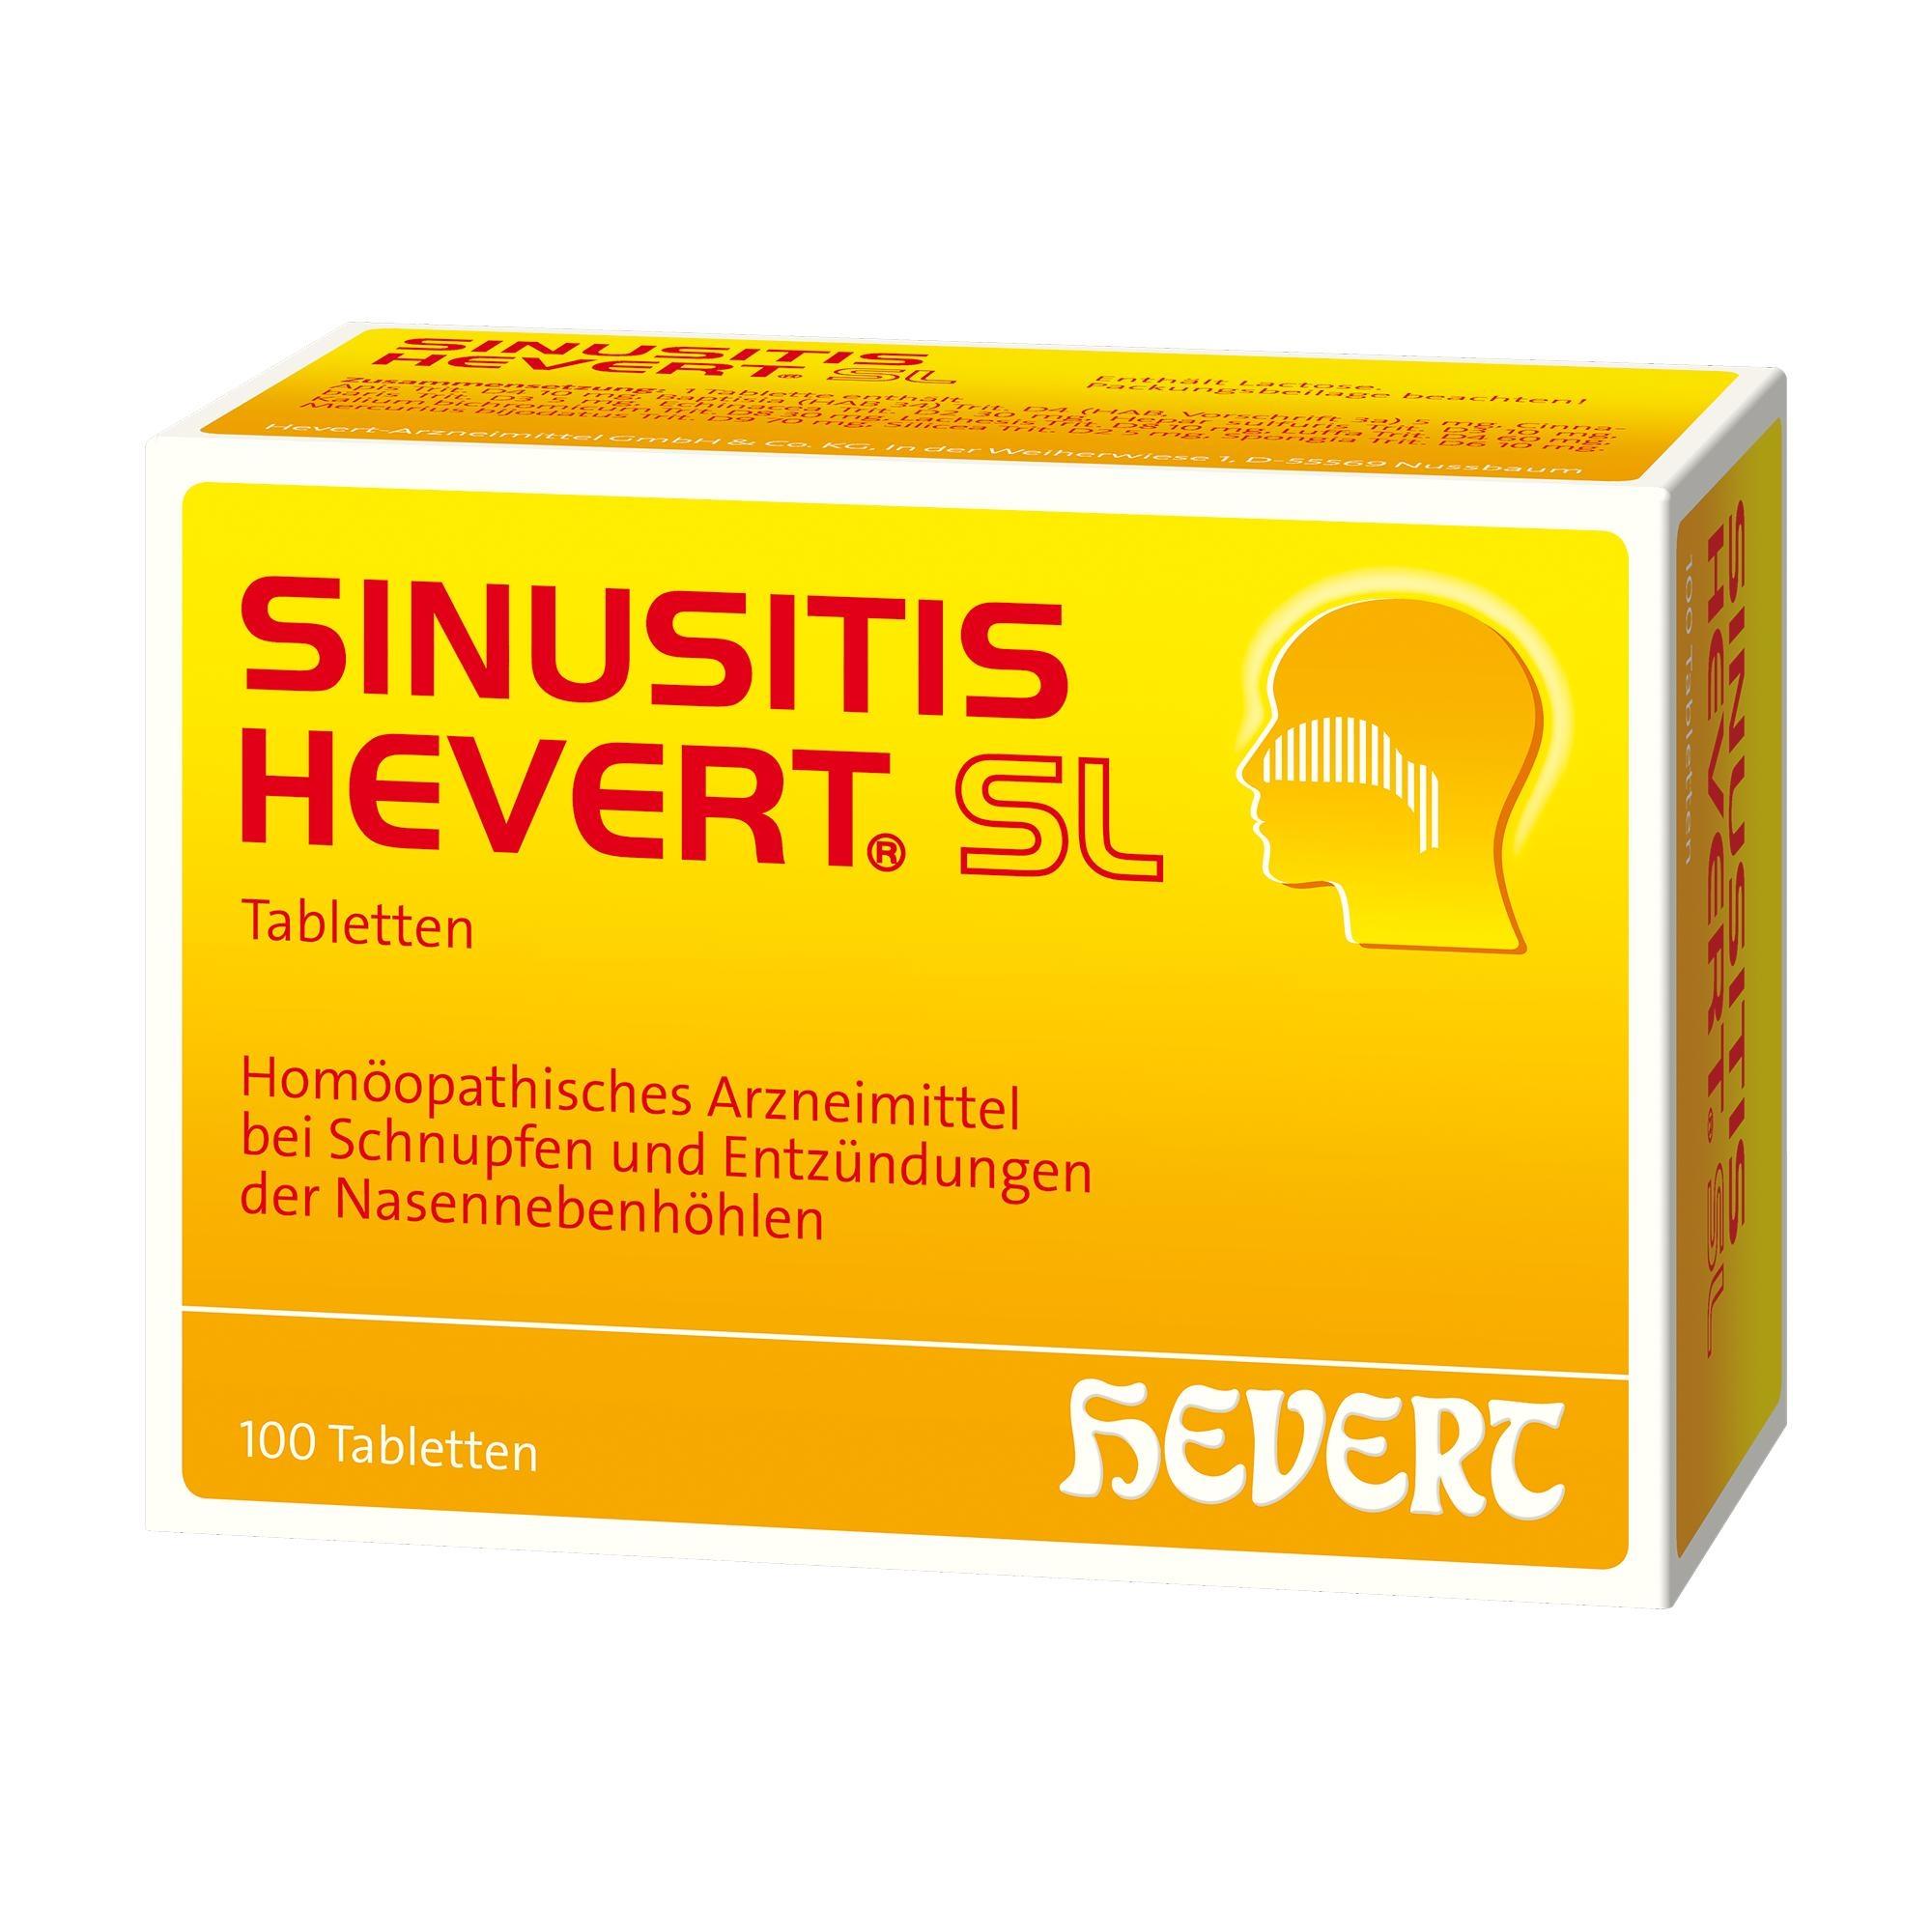 Sinusitis Hevert SL Tabletten 100 St